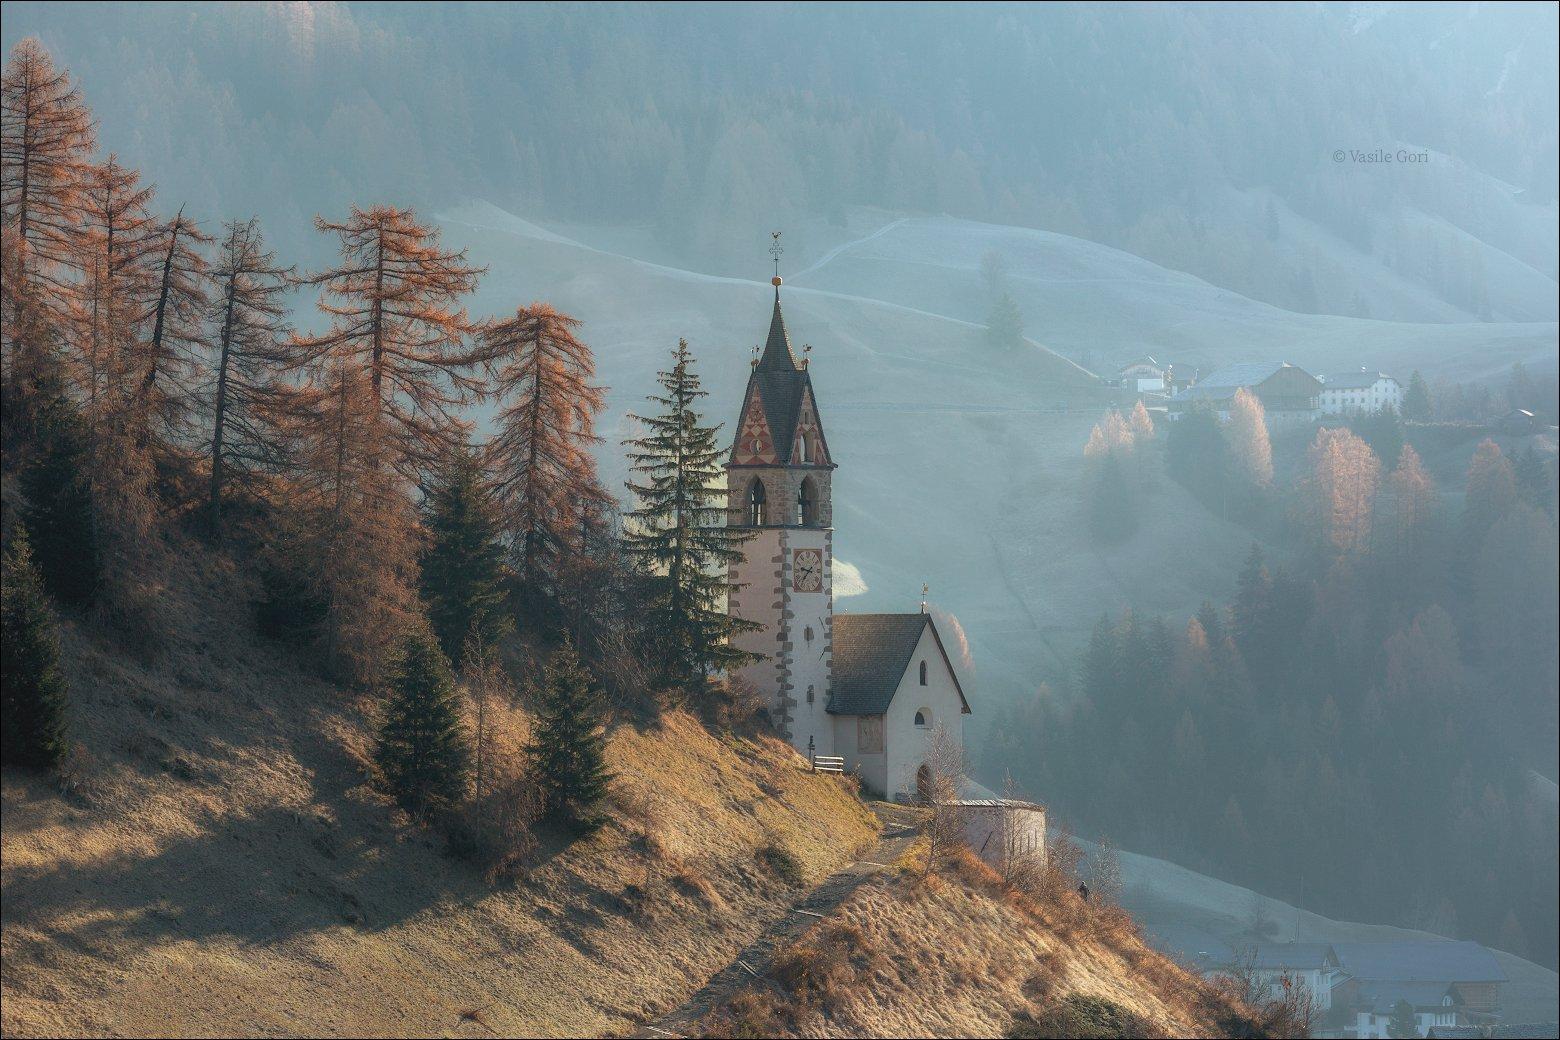 доломитовые альпы,tolpei,деревня,осень,италия,alps,santa barbara,церквушка, Гори Василий